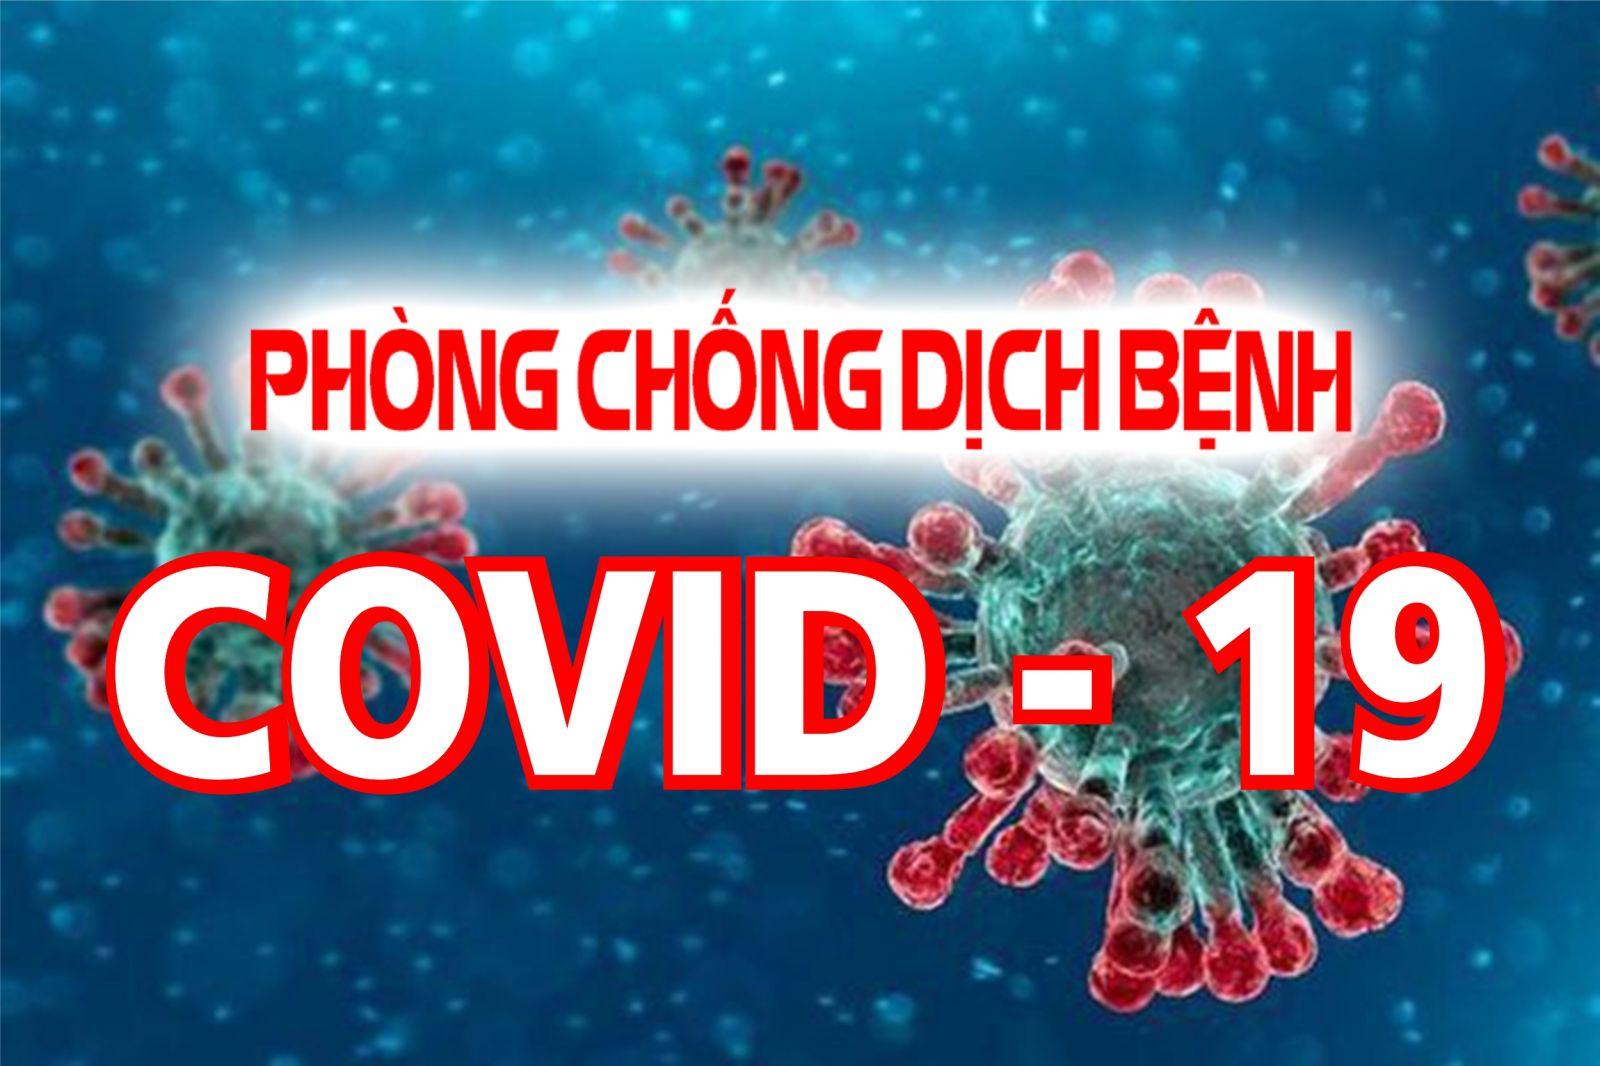 Cách phòng bệnh Covid - 19 hiệu quả nhất